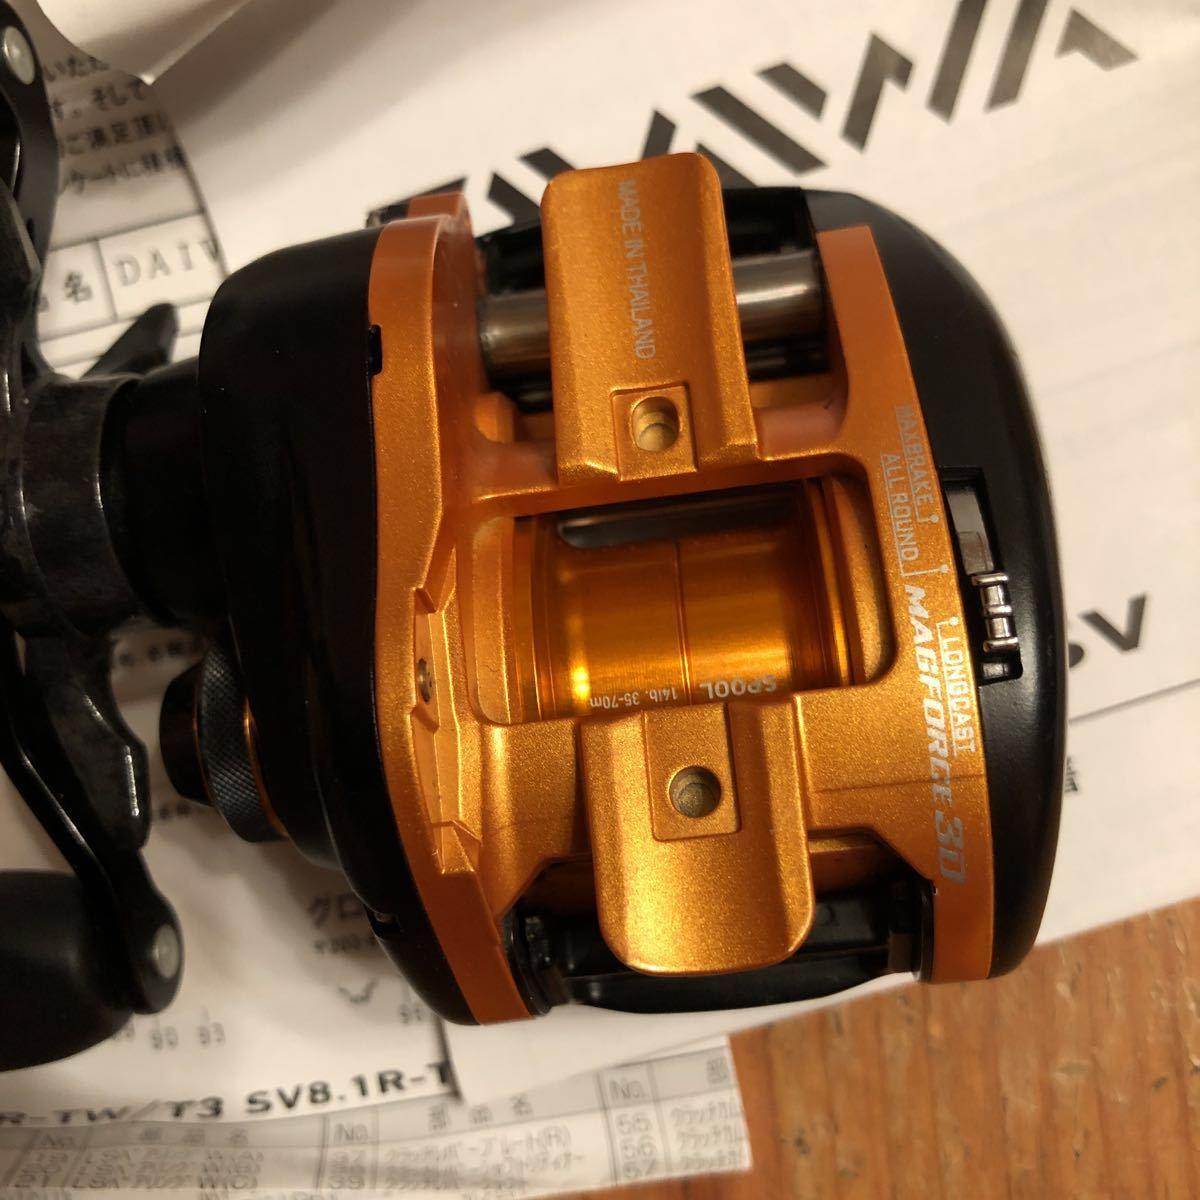 96108f69801 Daiwa T3 SV6.3R-TW.TATULA HD custom150H-TW bait reel right steering ...